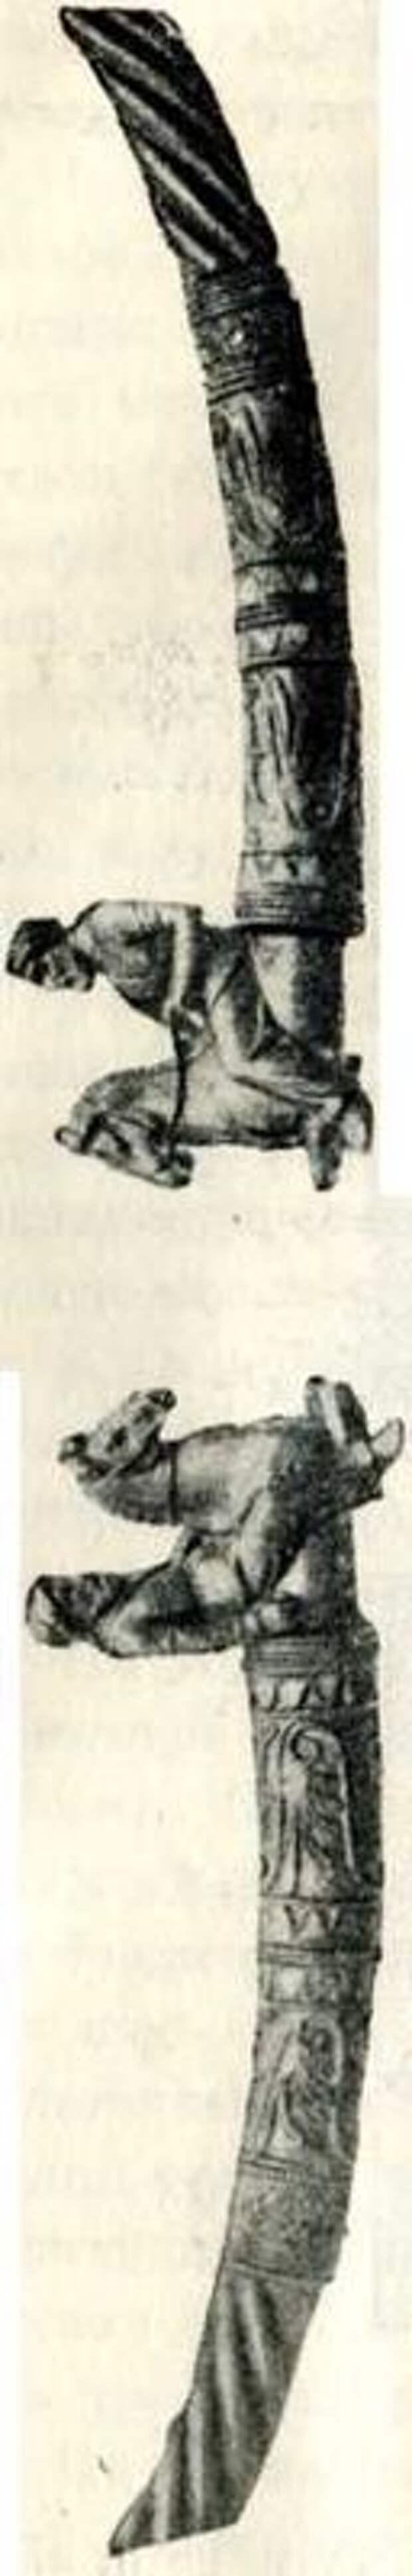 Фигурки конных скифов на золотой гривне из кургана Куль-оба. IV в. до н. э. (Эрмитаж).